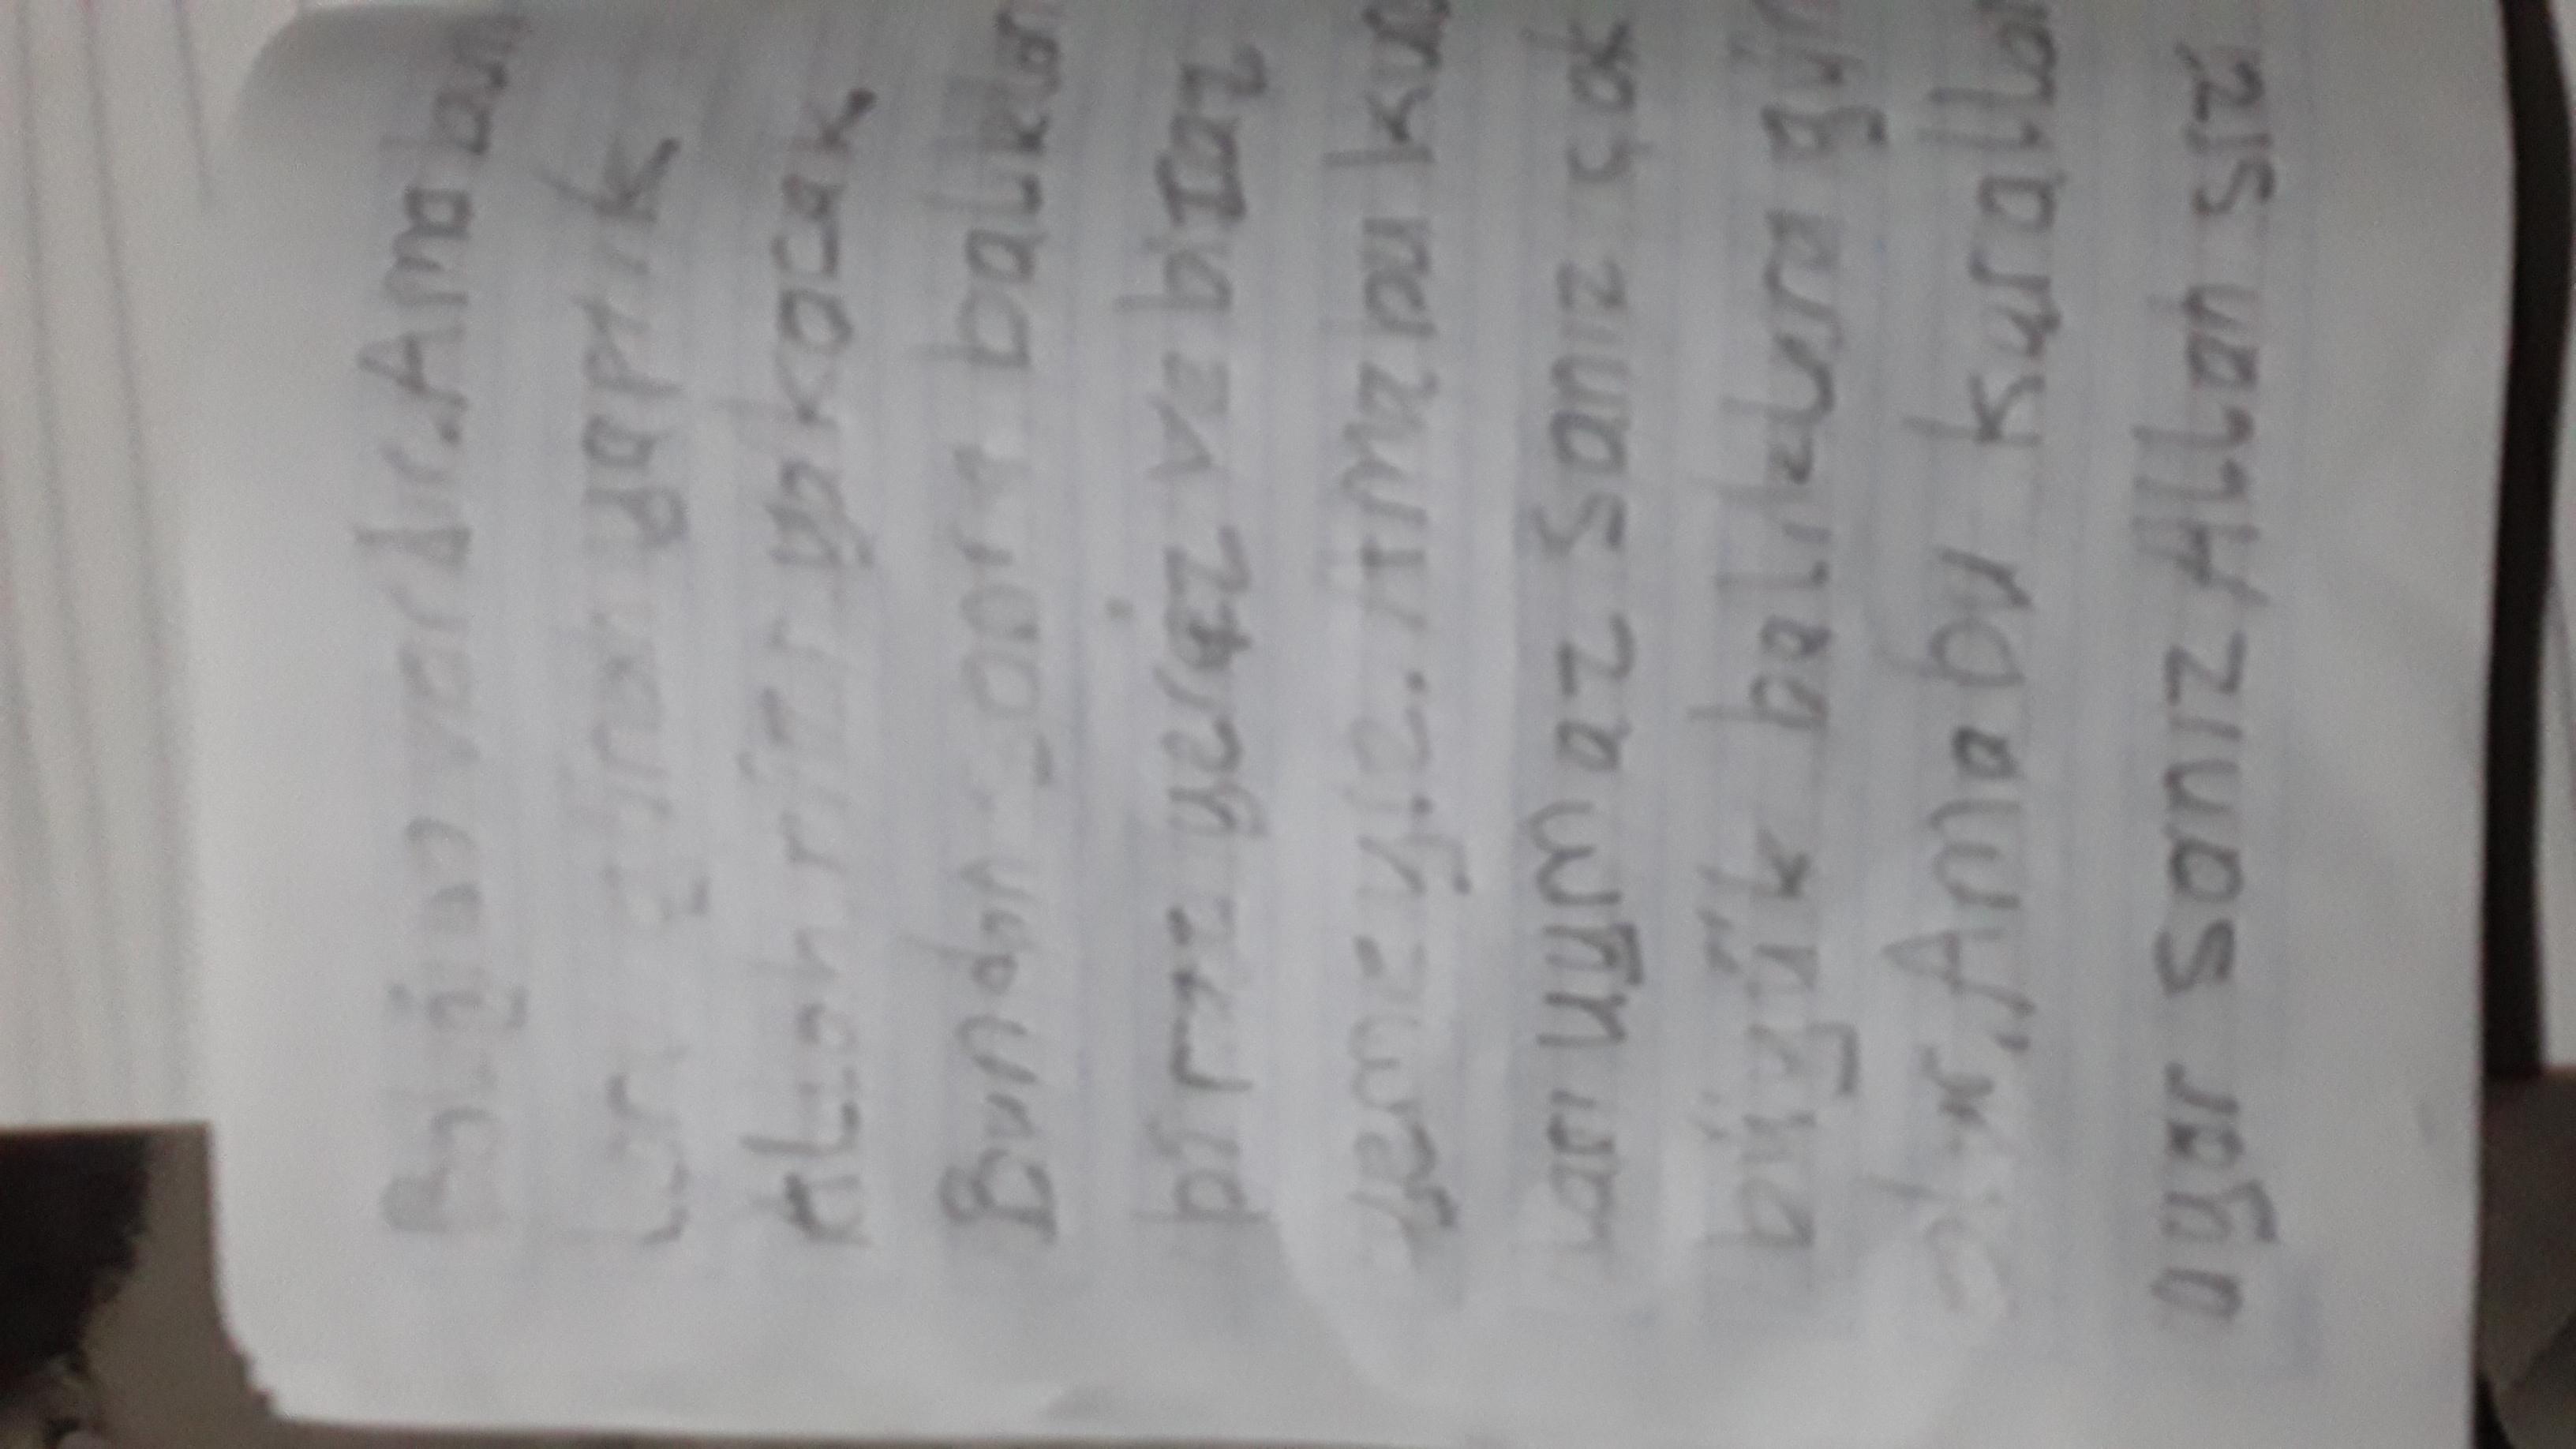 Orjinal halinin 2 sayfası